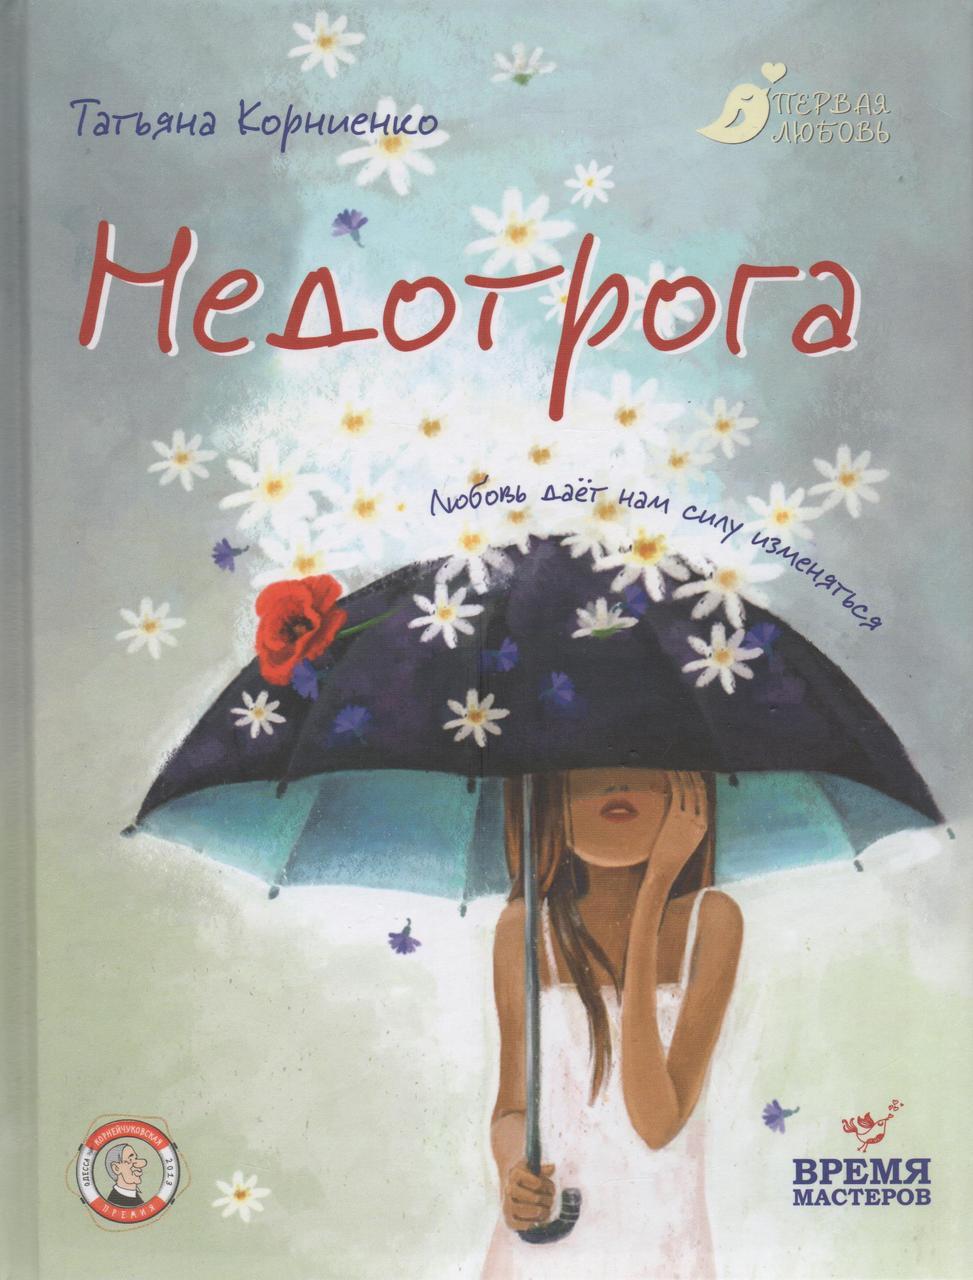 Недоторка (психологічна казка). Тетяна Корнієнко